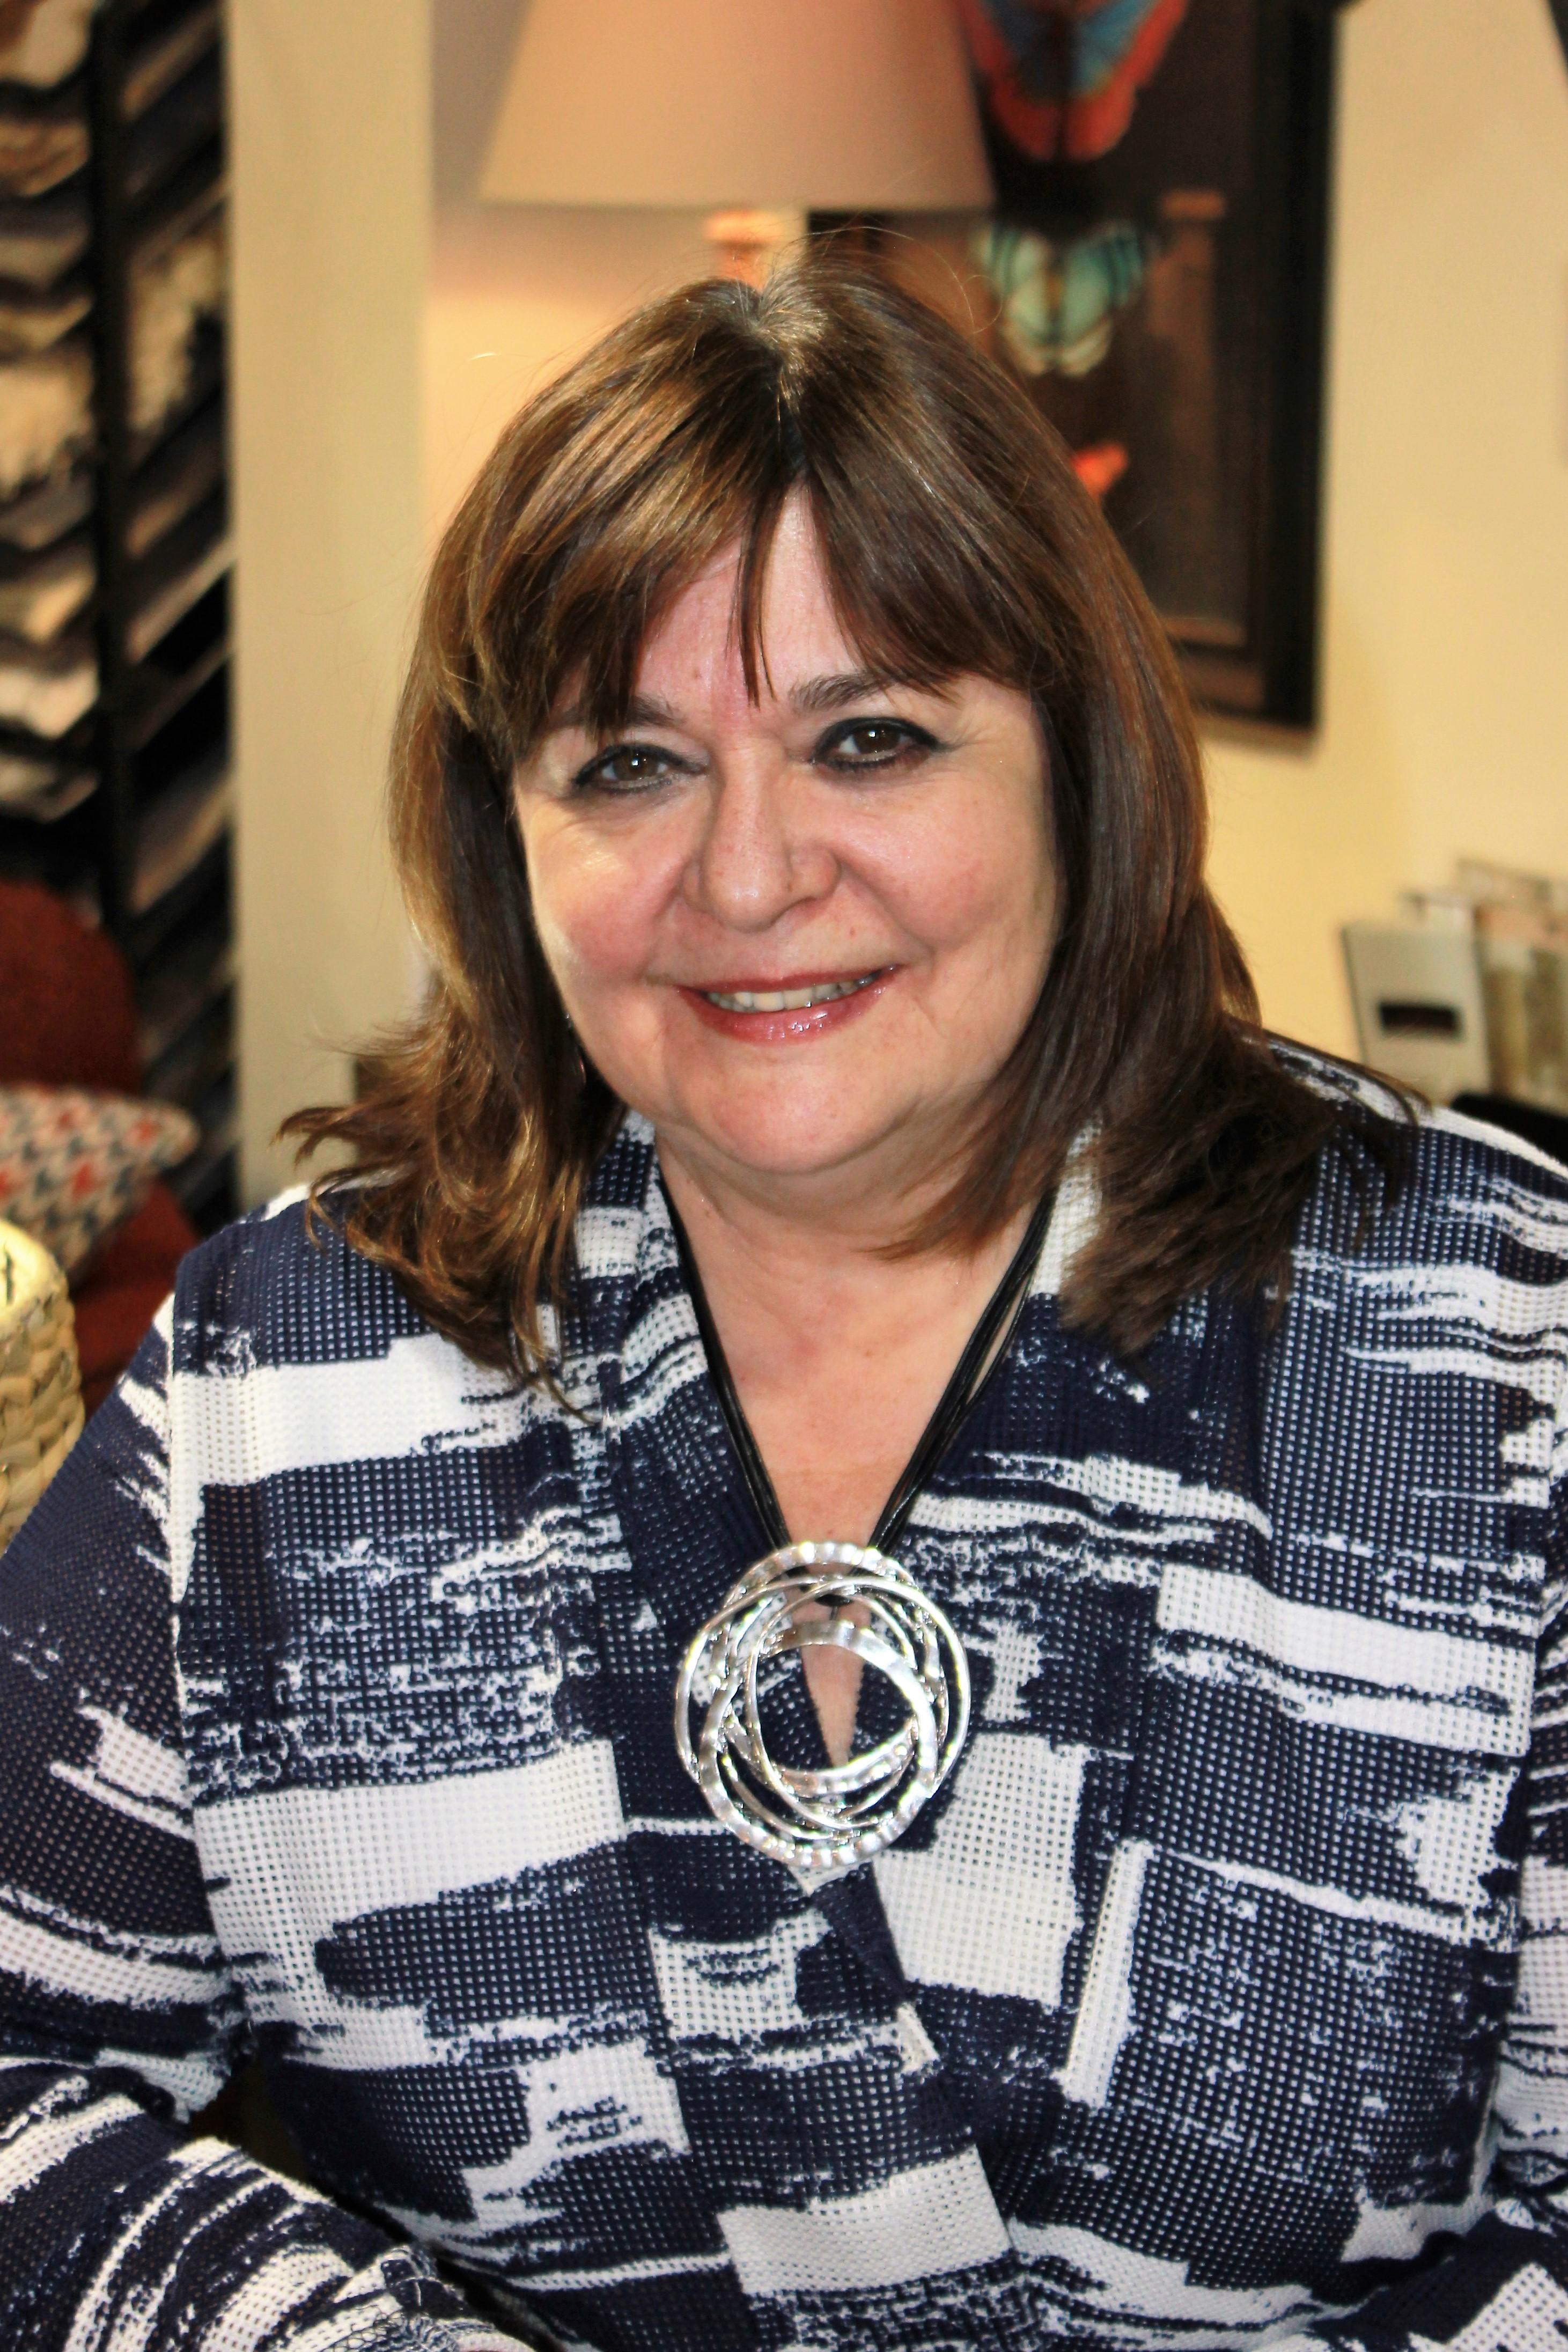 Valerie Semeniuk